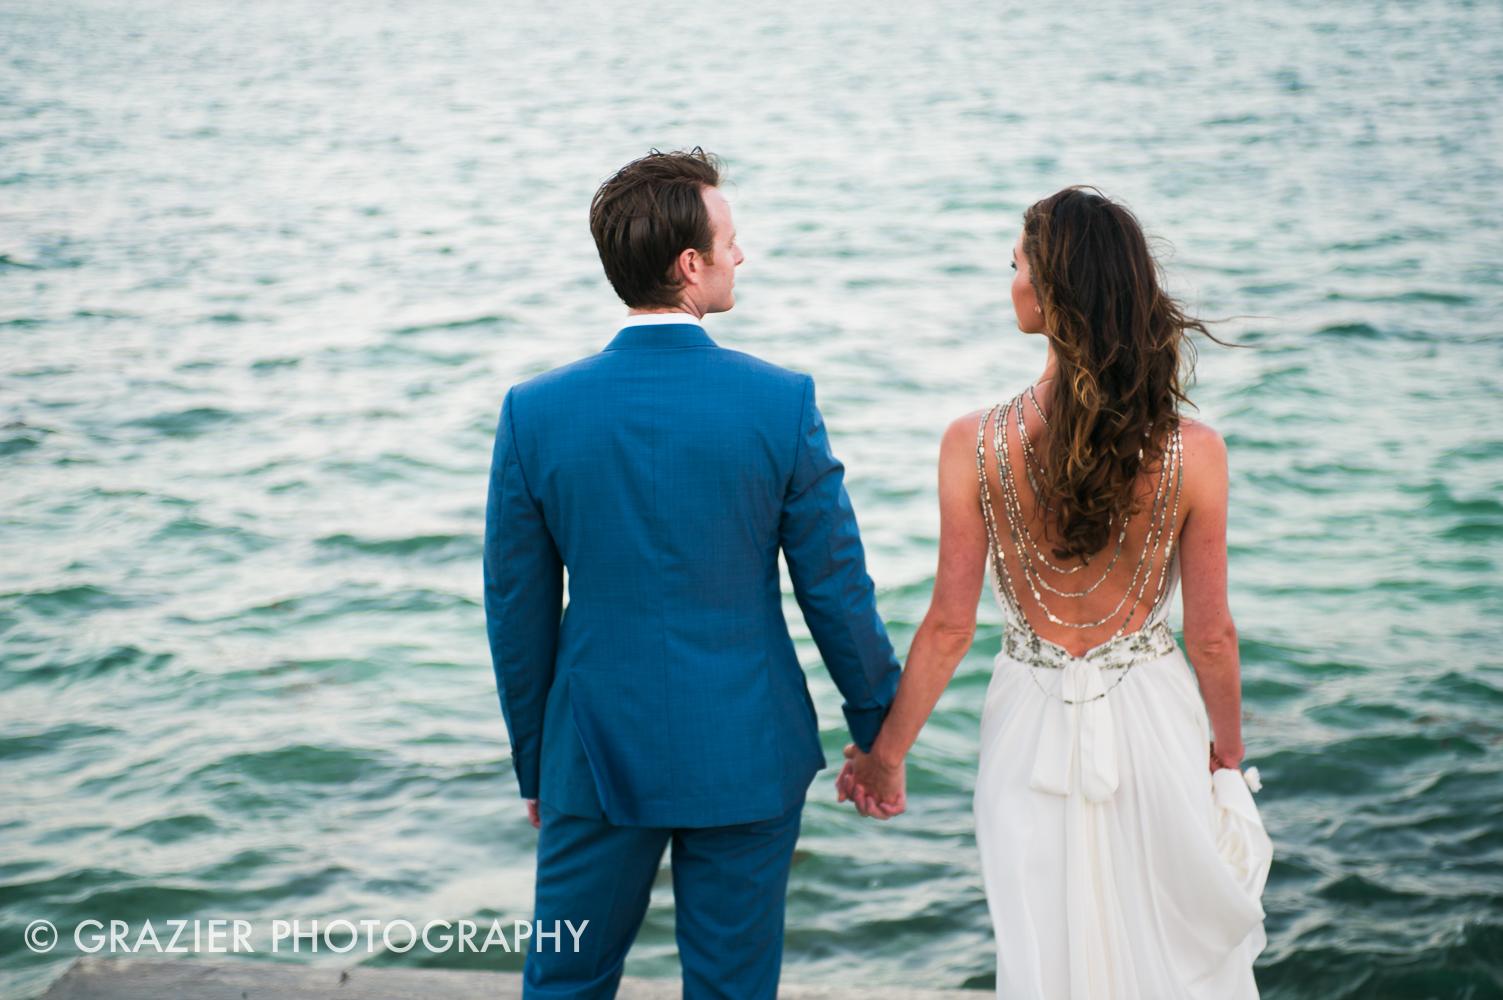 Anguilla-Wedding-GrazierPhotography_12.jpg